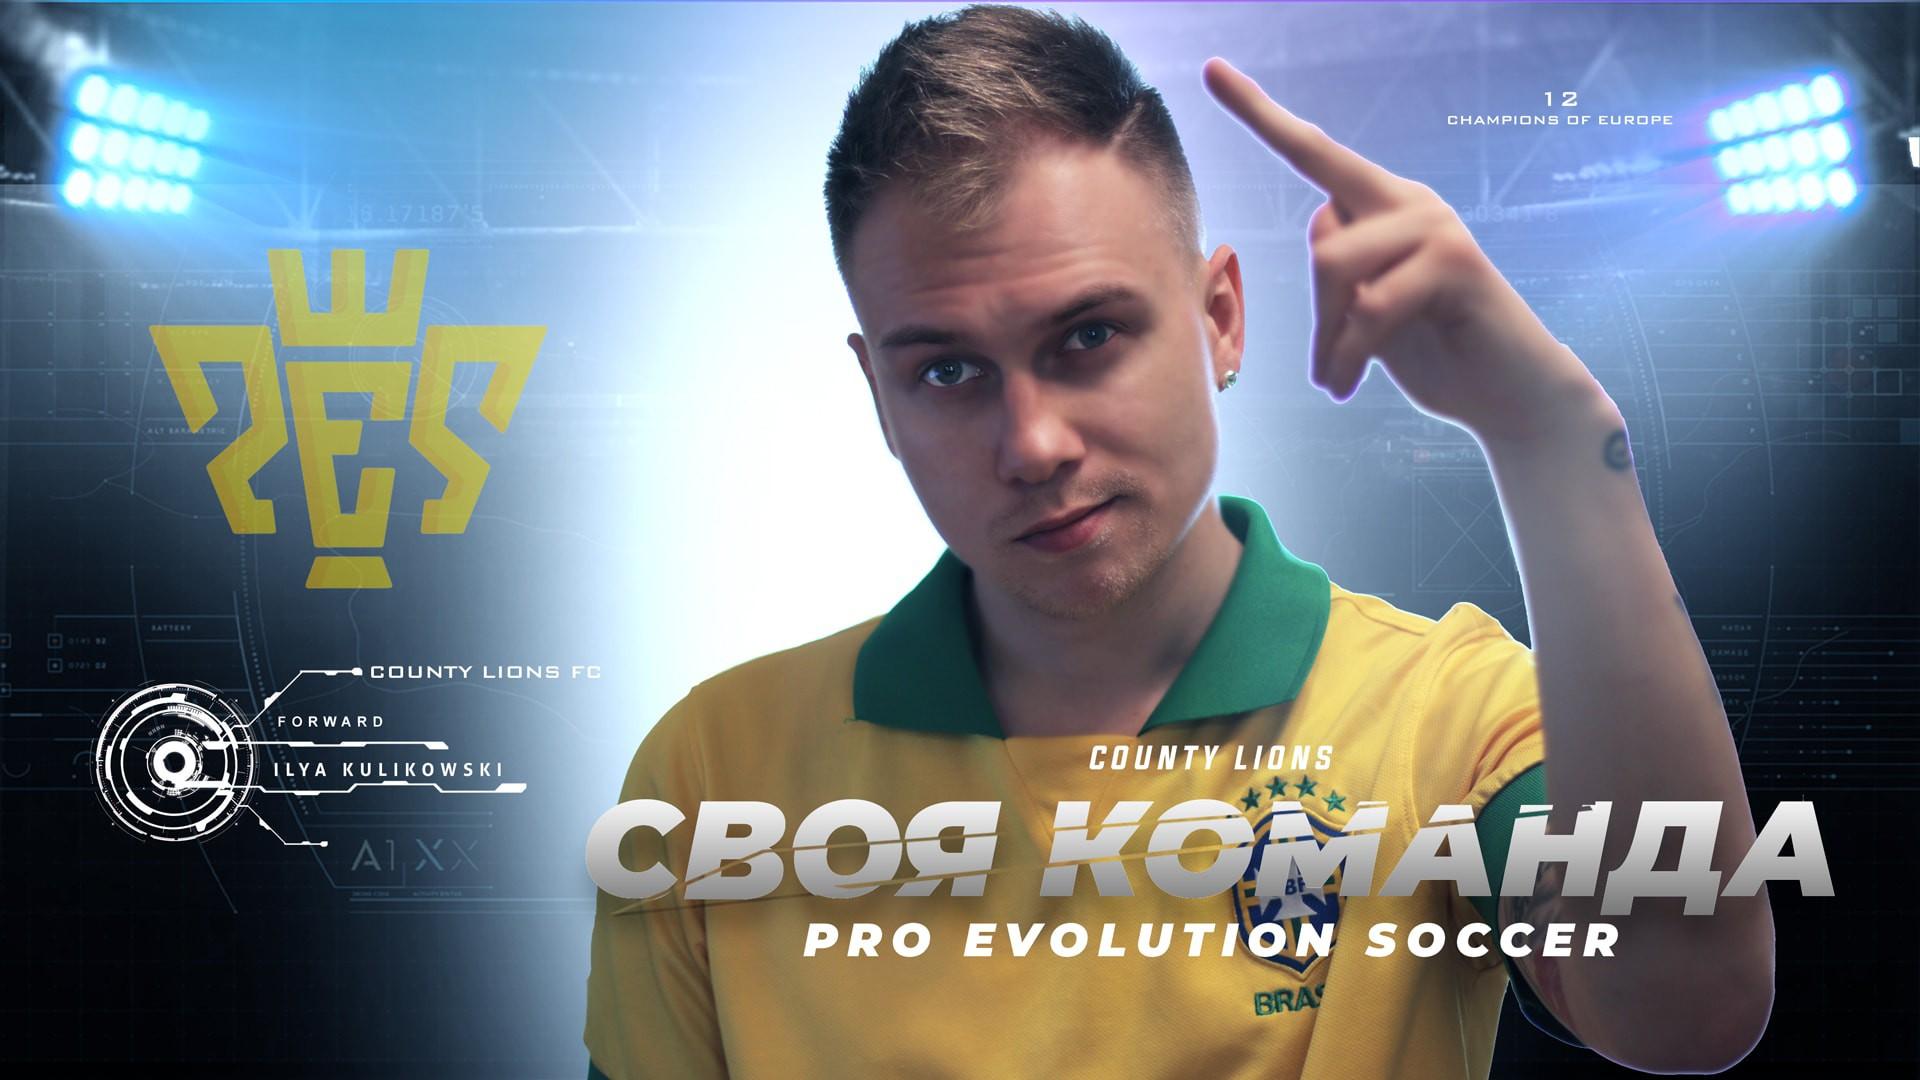 PES 2018 Как создать свою команду в Мастер Лига. Pro Evolution Soccer Собственная команда